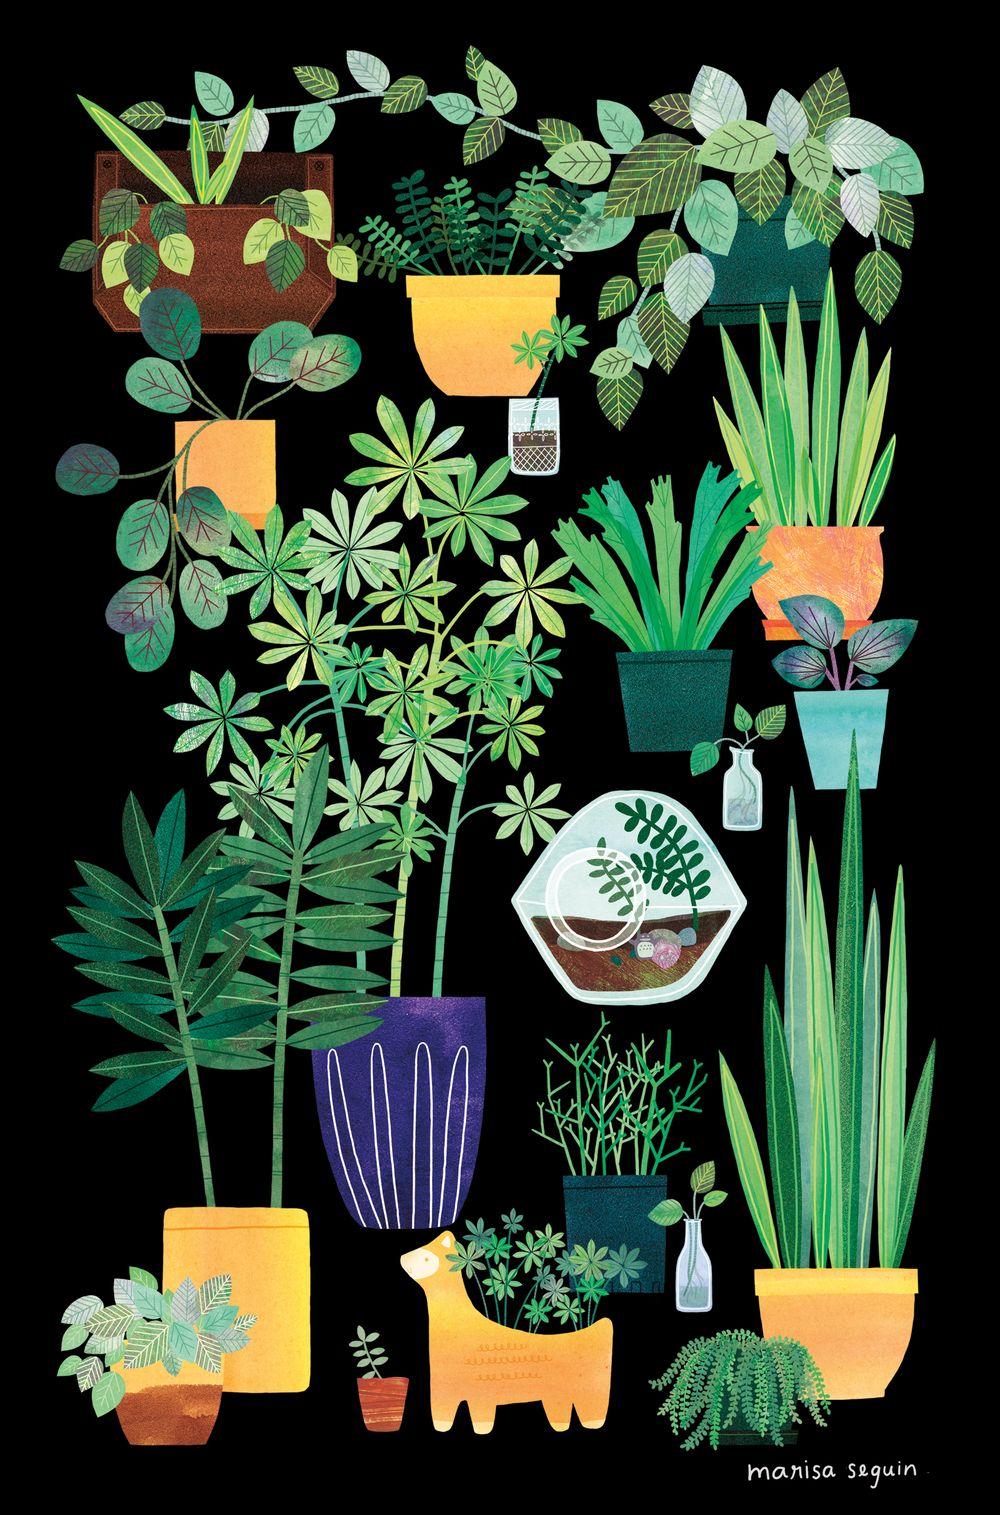 Blog - Marisa Seguin | | Art | | Pinterest | Fondos, Ilustraciones y ...